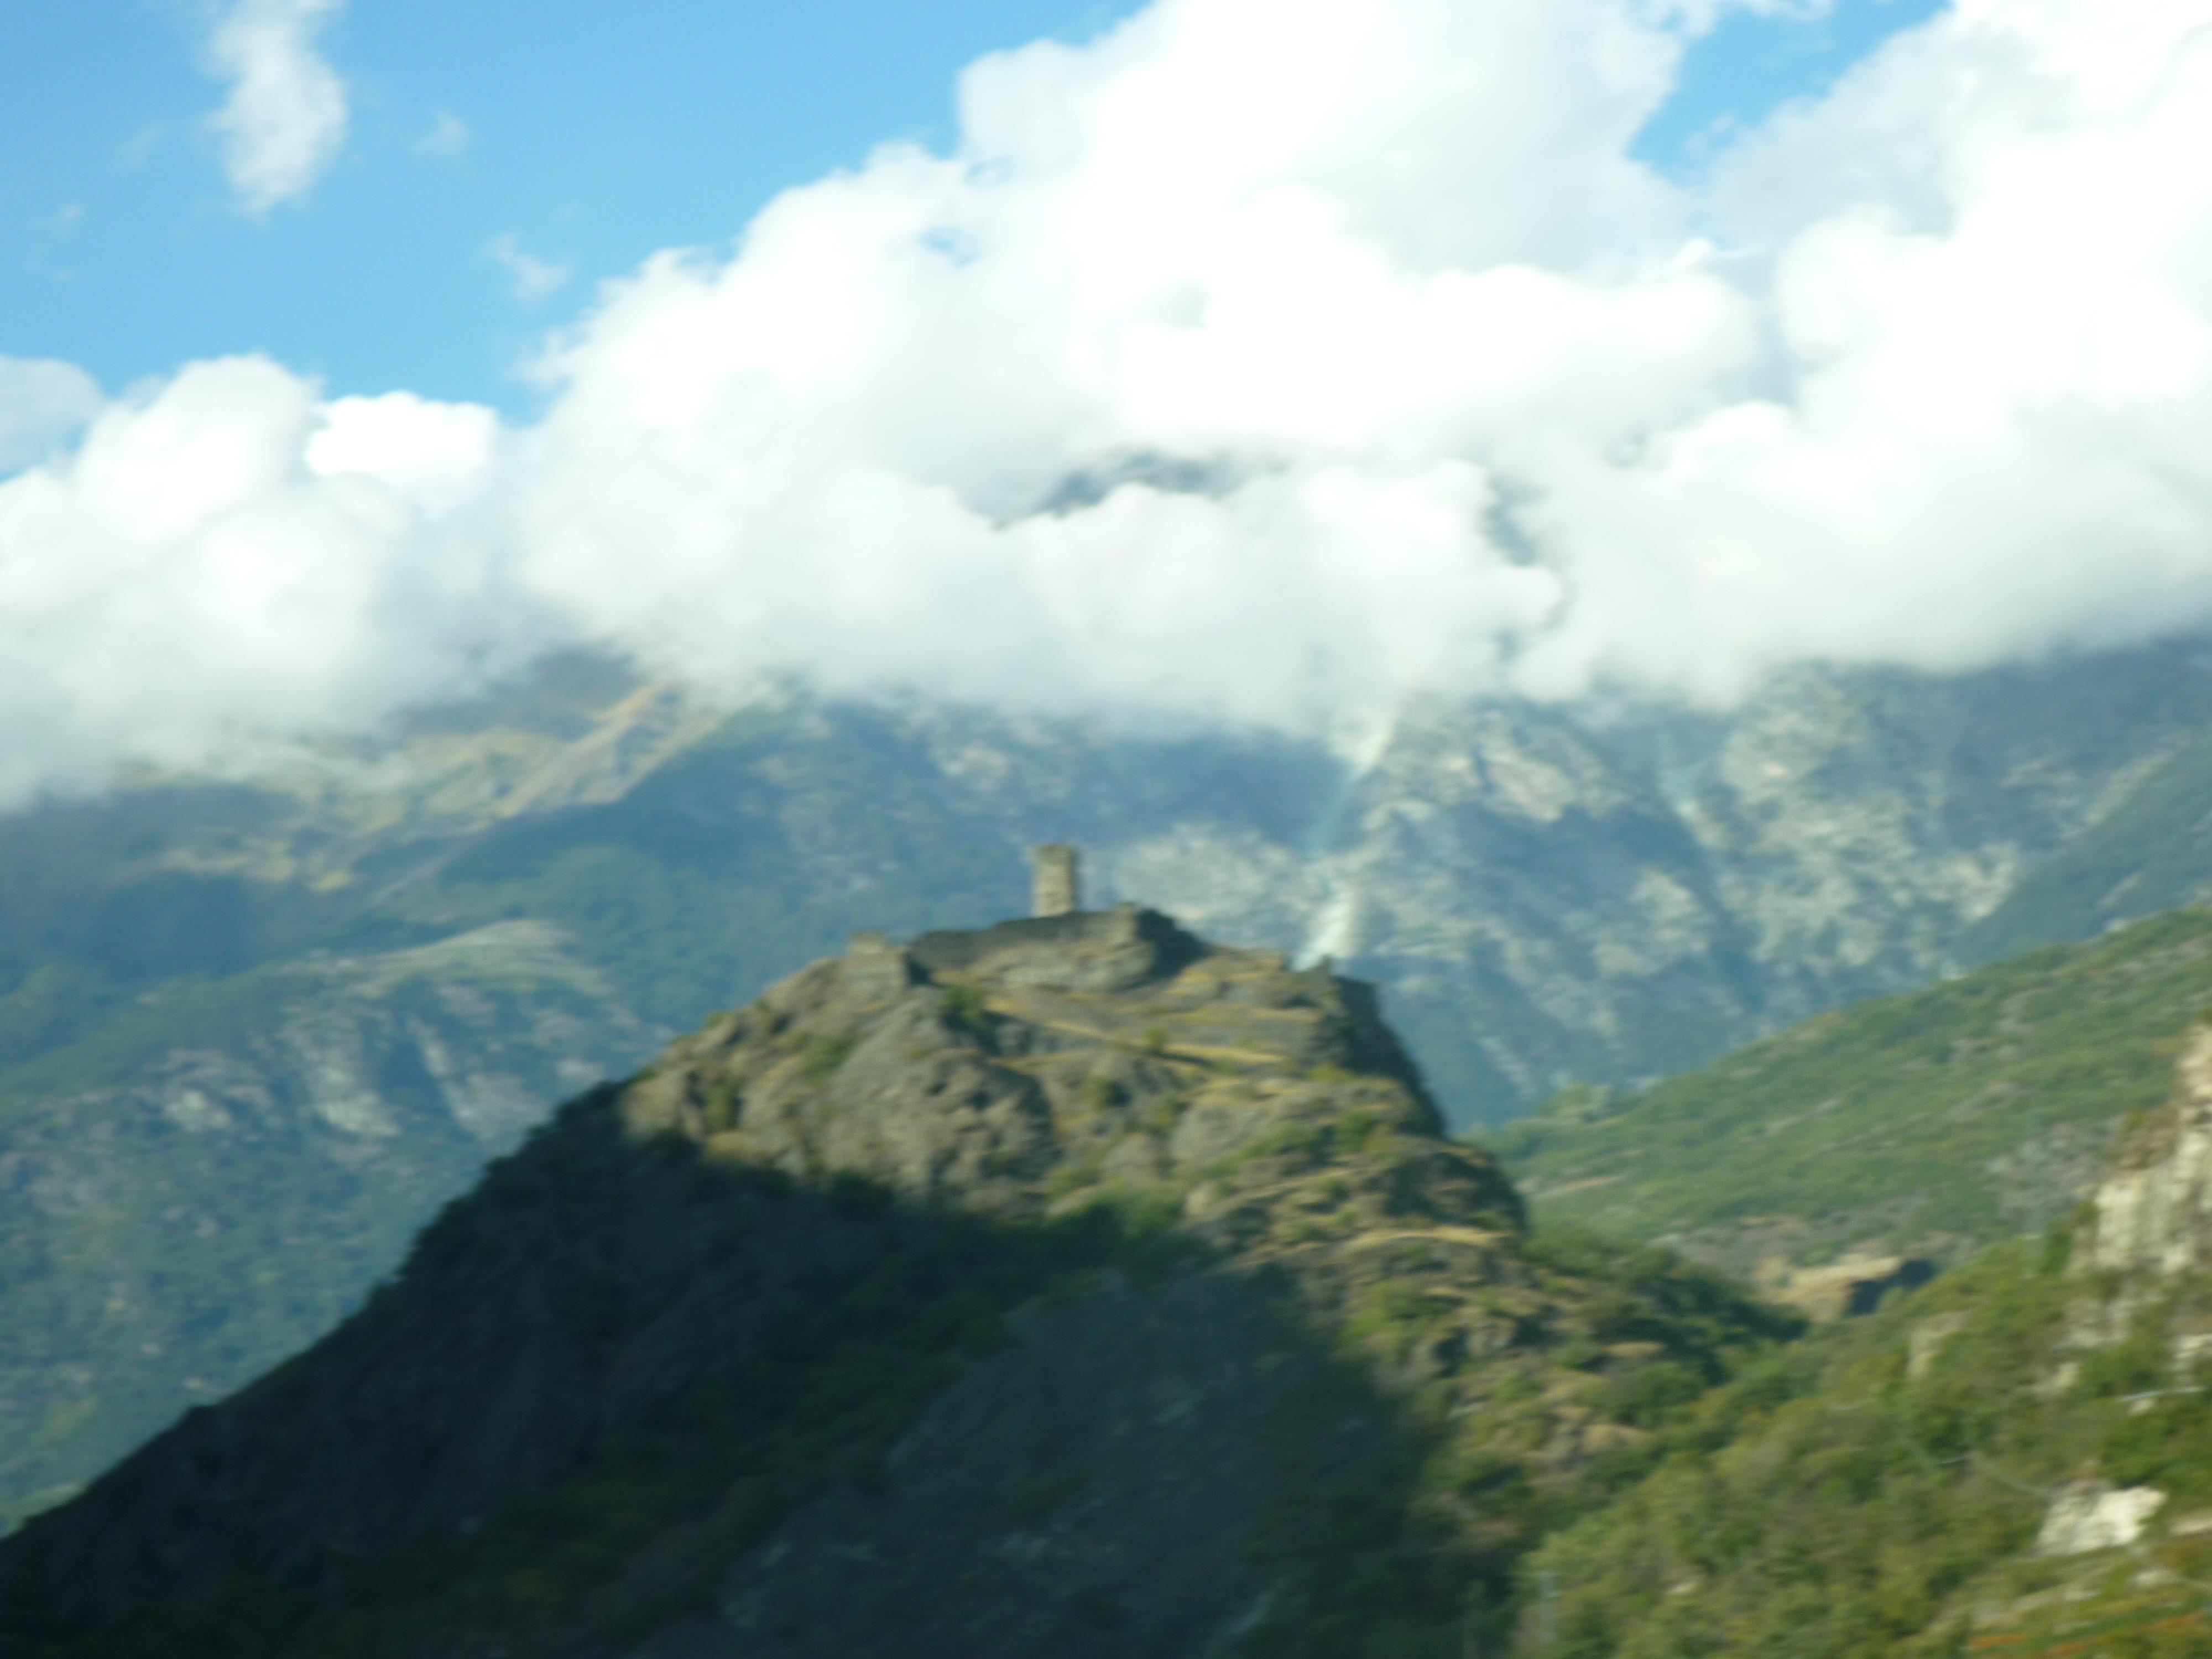 Un Chateau Dans Les Nuages file:château de saint-germain + dzerbion dans les nuages